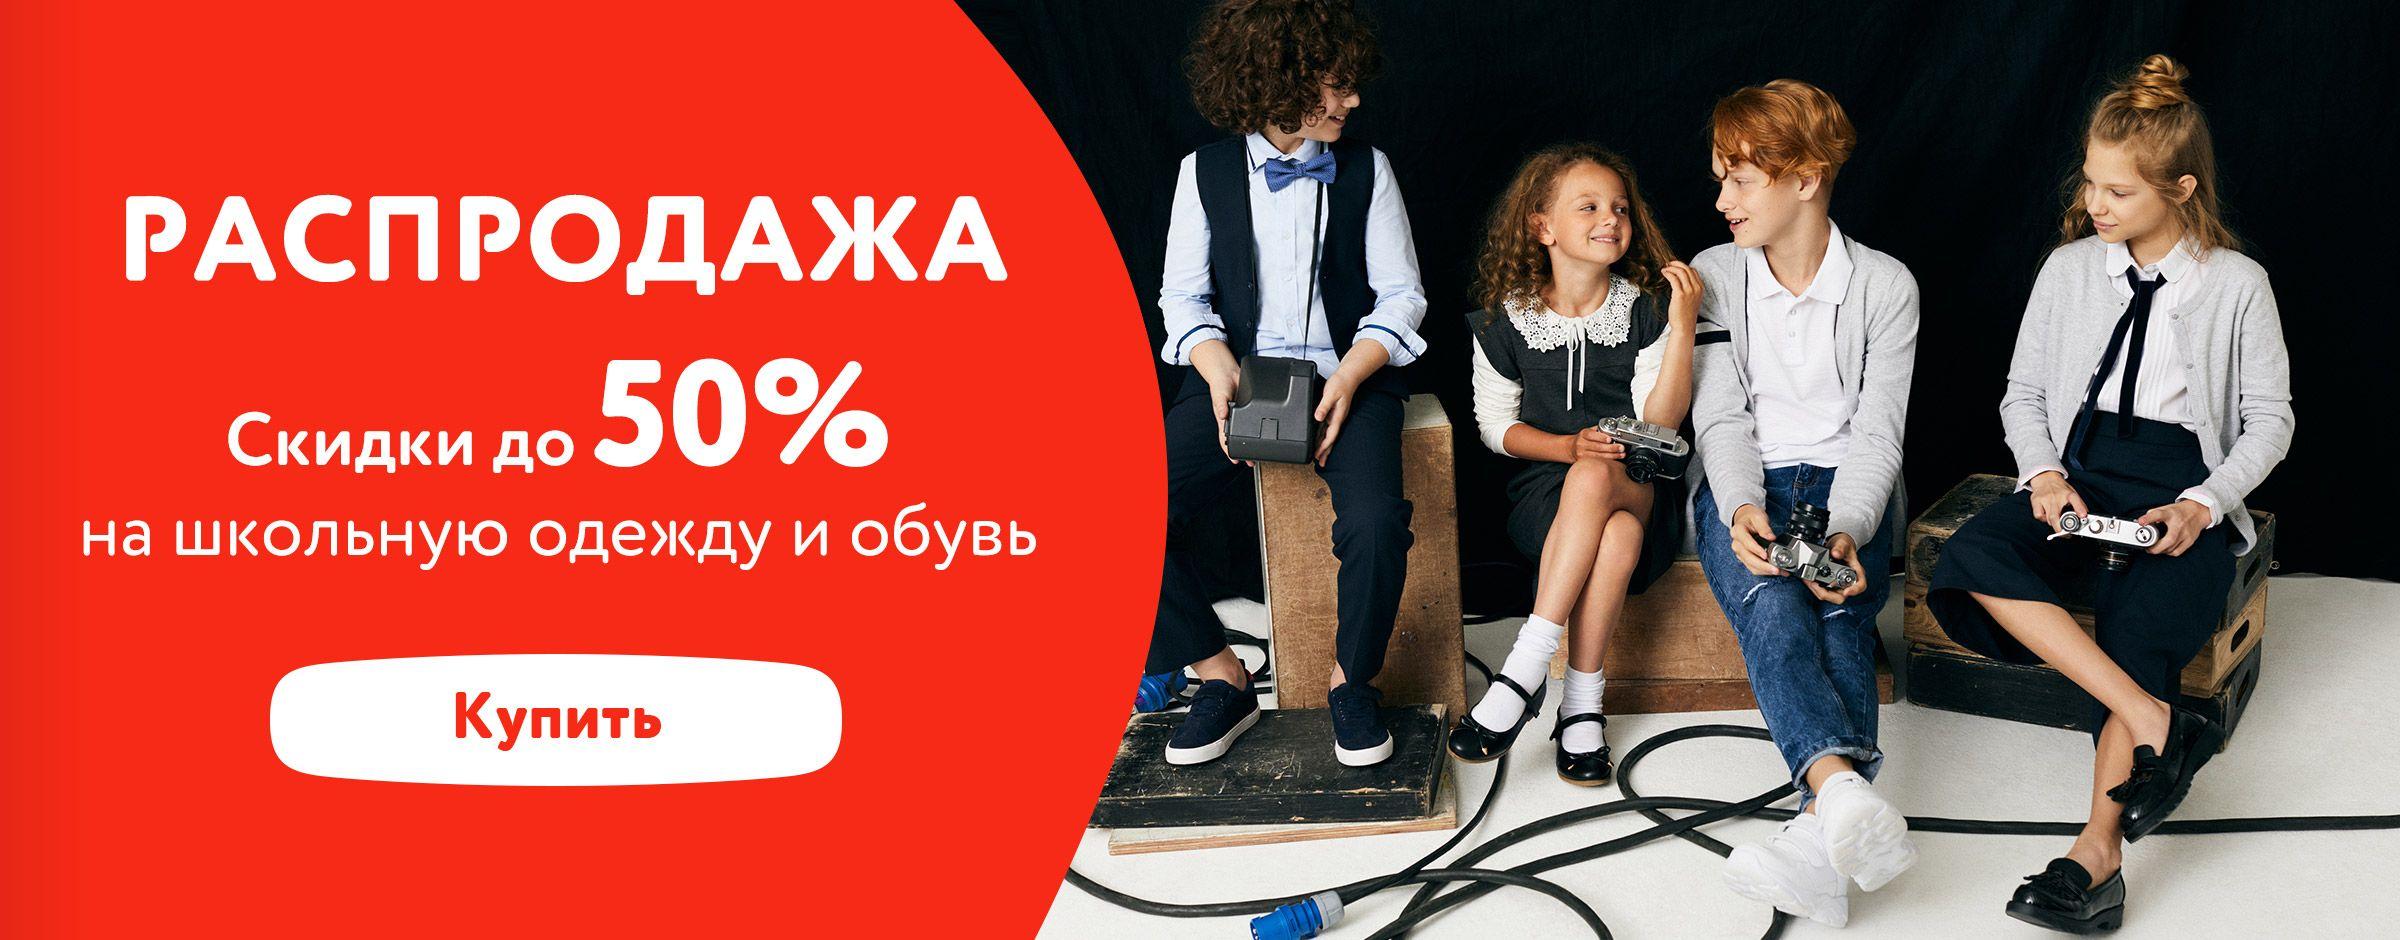 Спец цены на школьную одежду и обувь